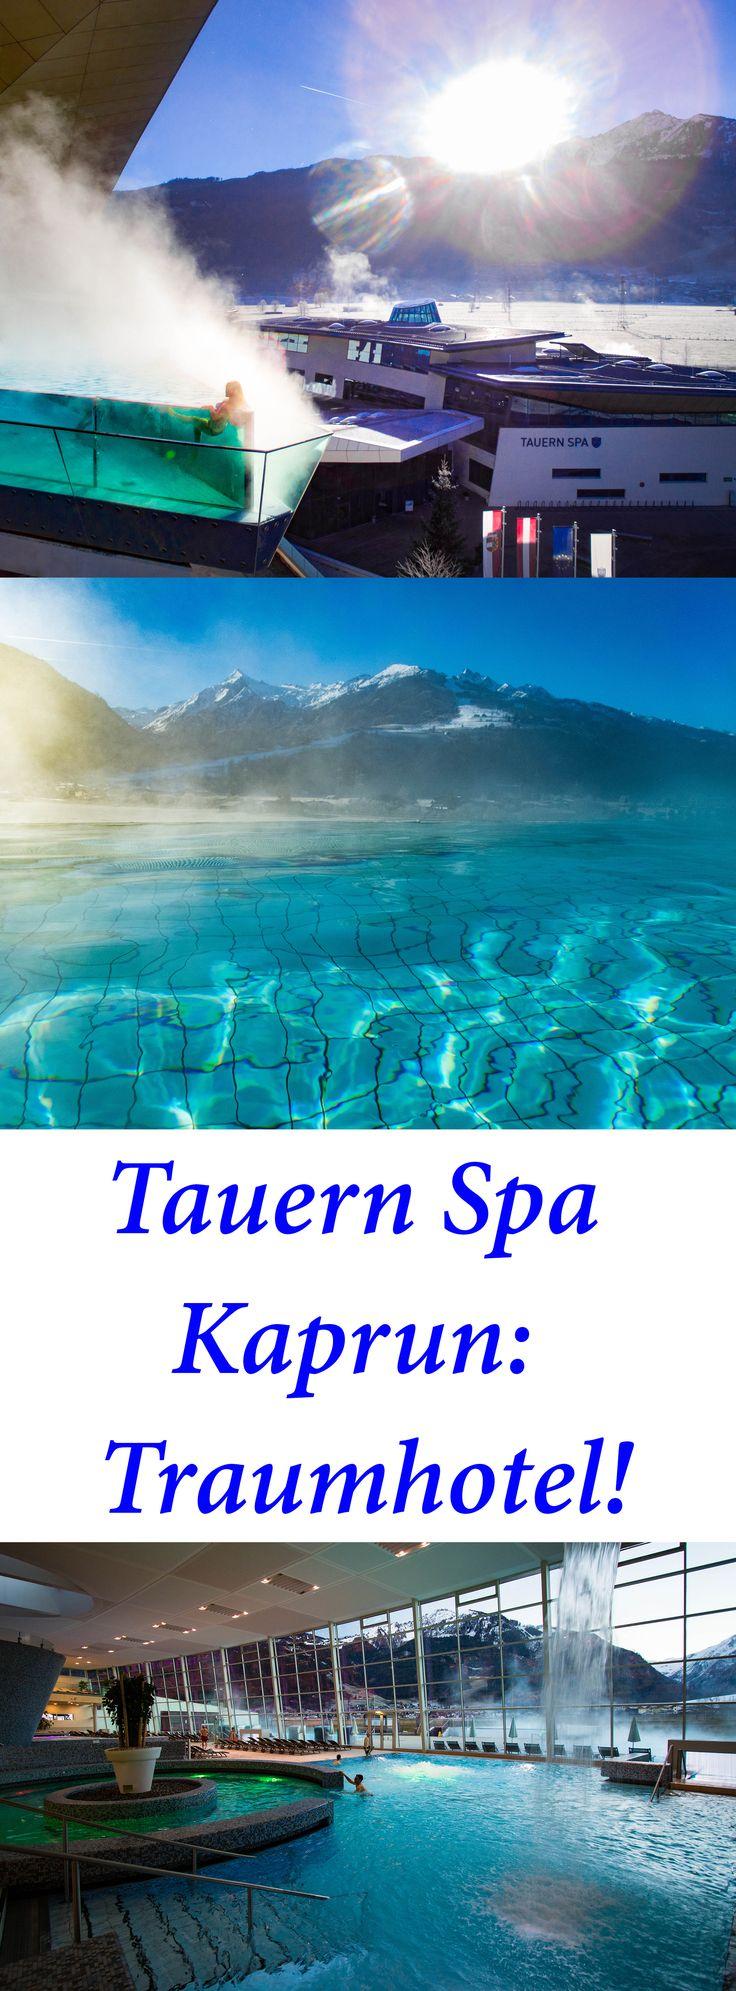 Lustiger Artikel über die deutsche Saunakultur + Bilder vom besten Spa Österreichs, Tauern Spa Hotel Zell am See/Kaprun! Himmlischer Pool in den österreichischen Alpen.